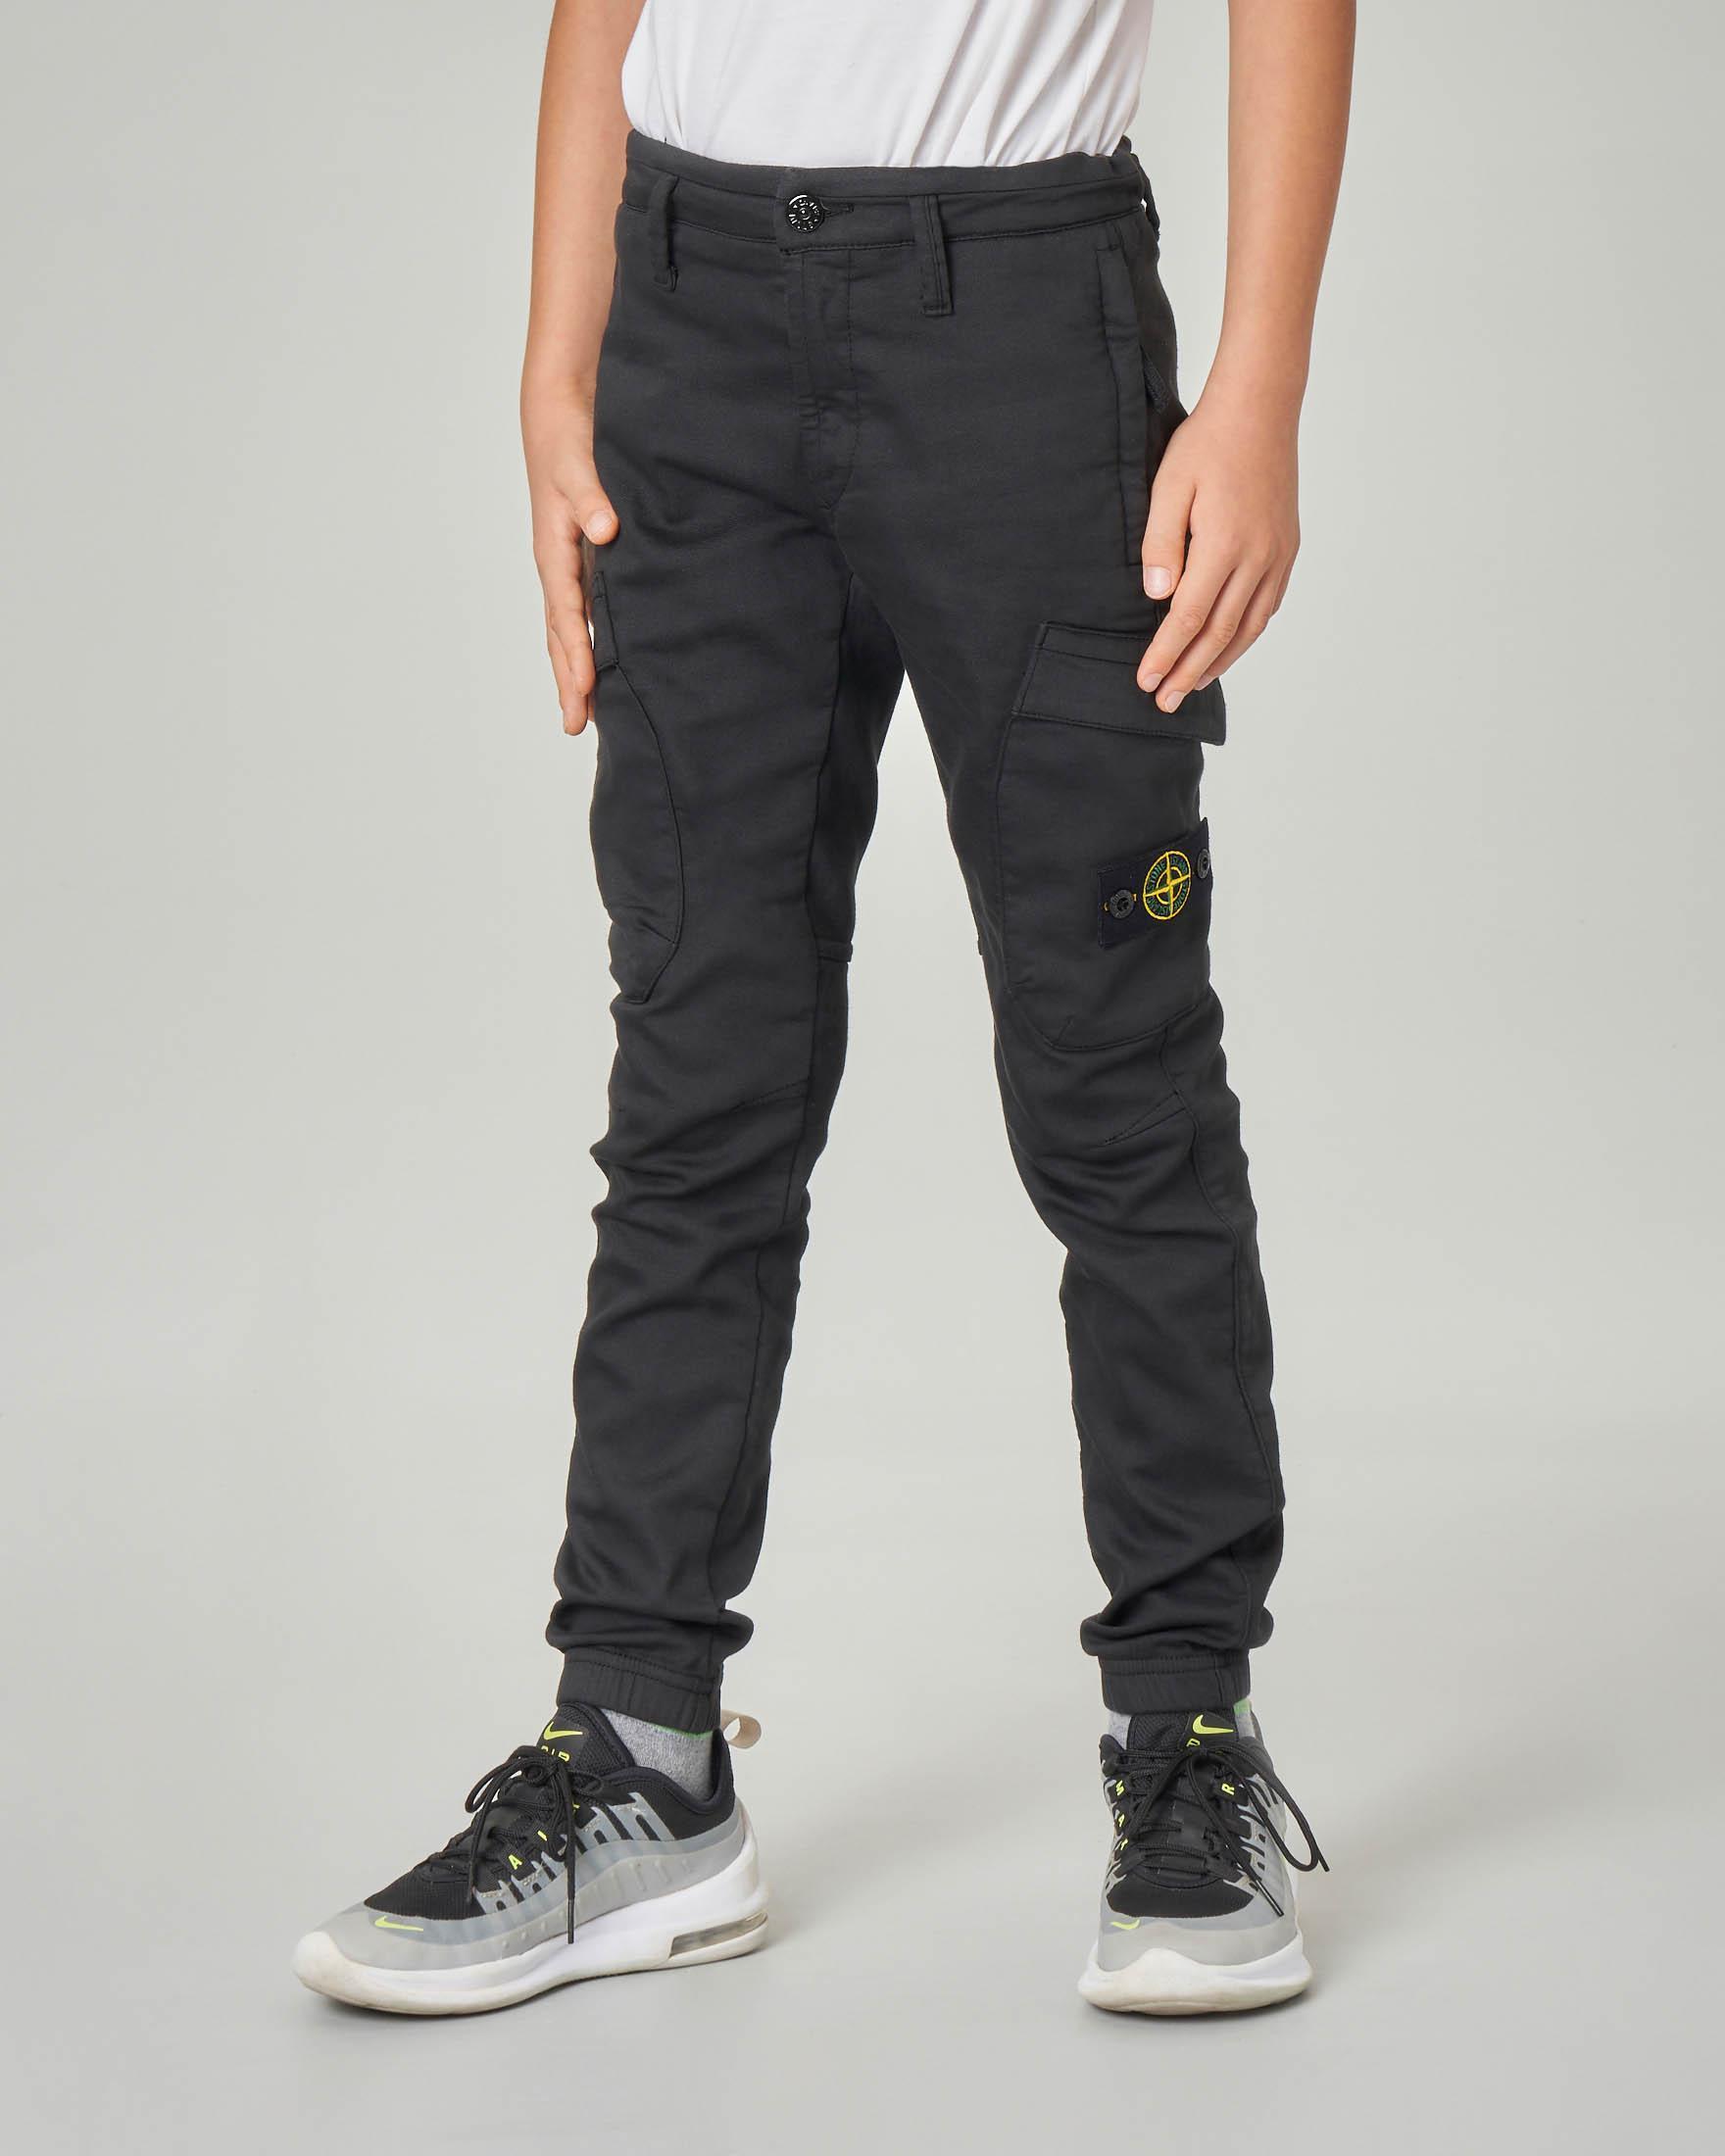 Pantalone cargo nero in tessuto stretch 10-12 anni